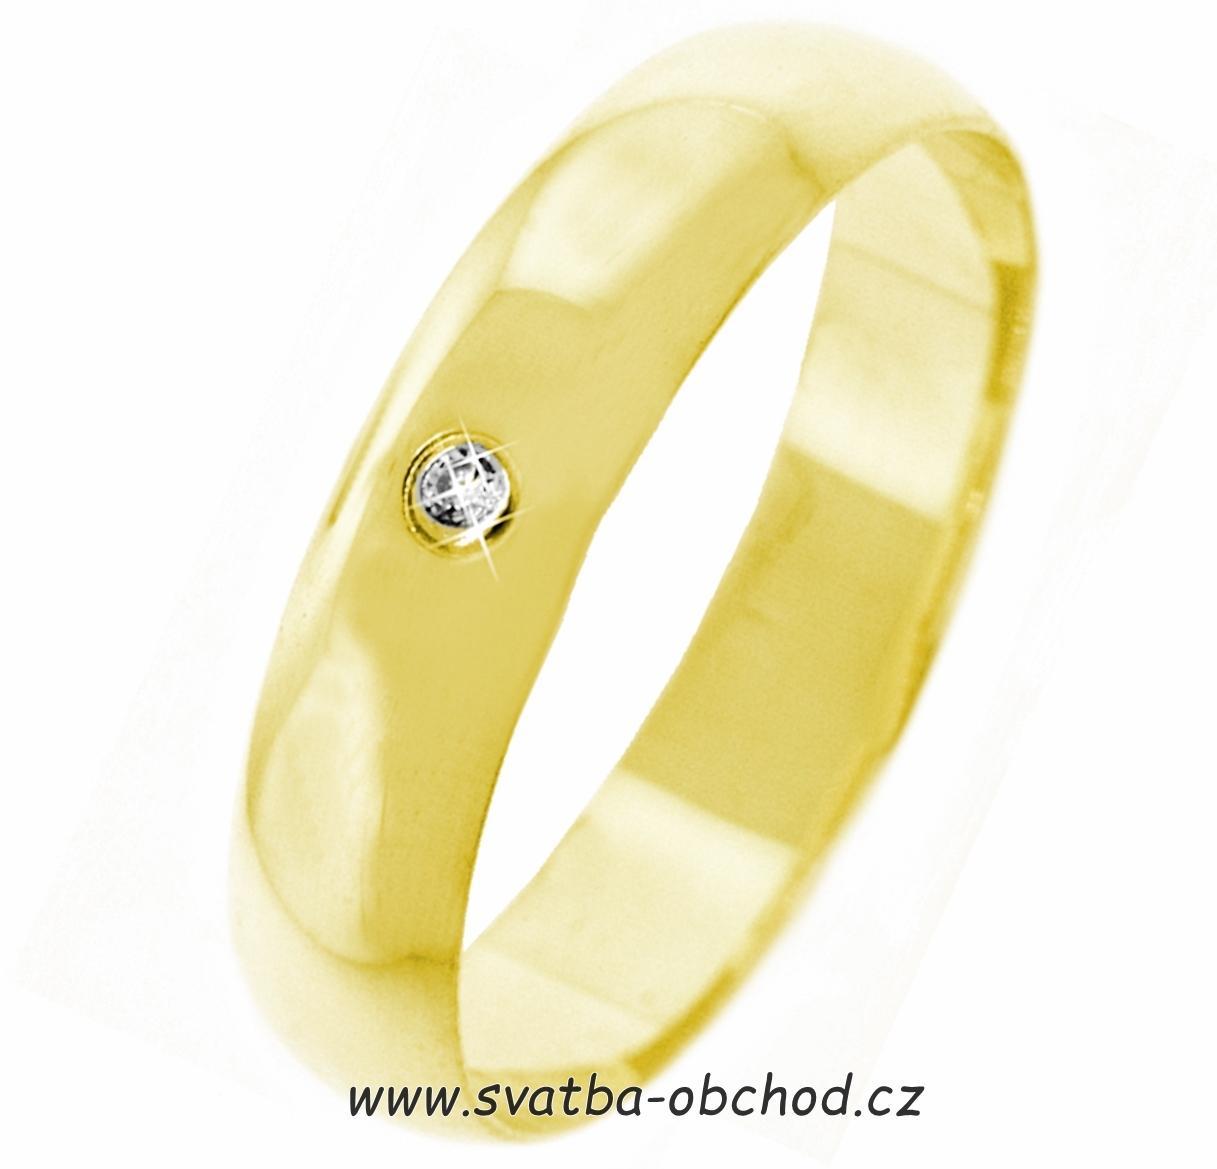 622c12871 Snubní prsten k1 - žluté zlato + 1x zirkon, - 6 060 Kč | Svatební shopy |  Beremese.cz